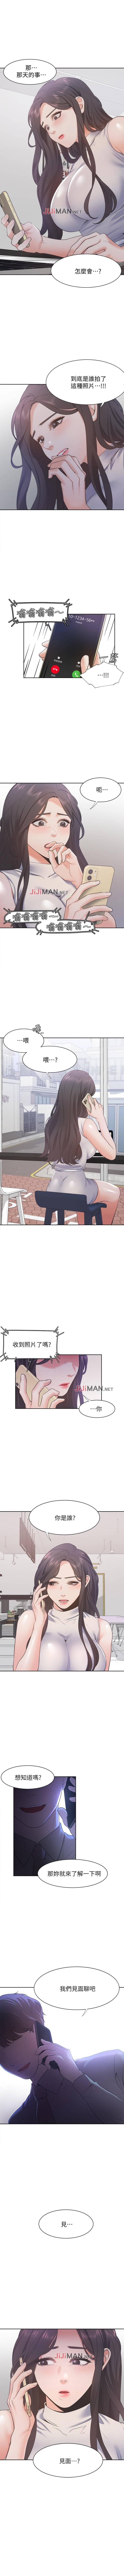 【周五连载】渴望:爱火难耐(作者:Appeal&格子17) 第1~24话 134